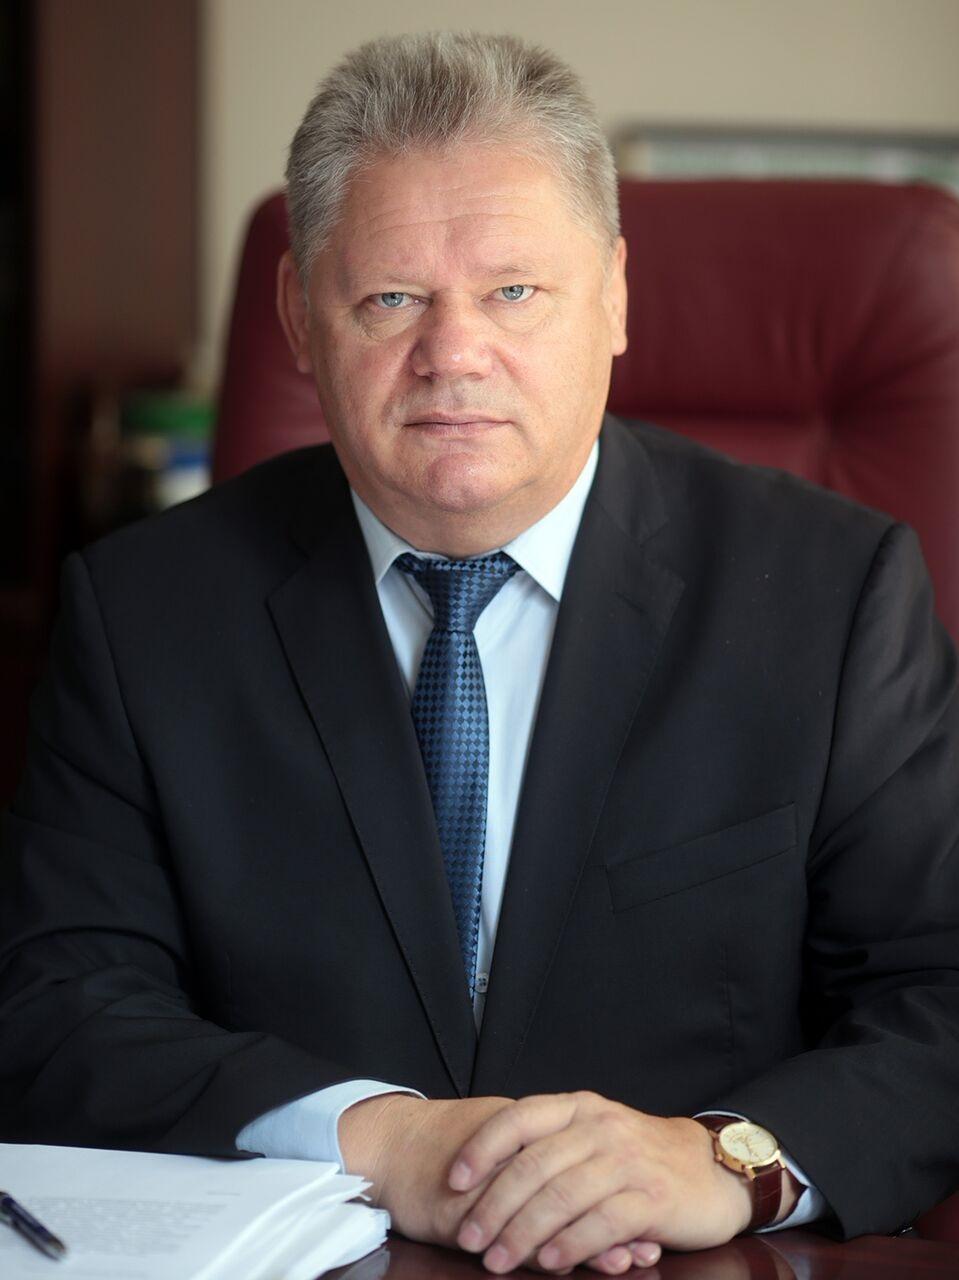 Директор Департамента растениеводства, механизации, химизации и защиты растений, Академик РАН - П.А Чекмарев